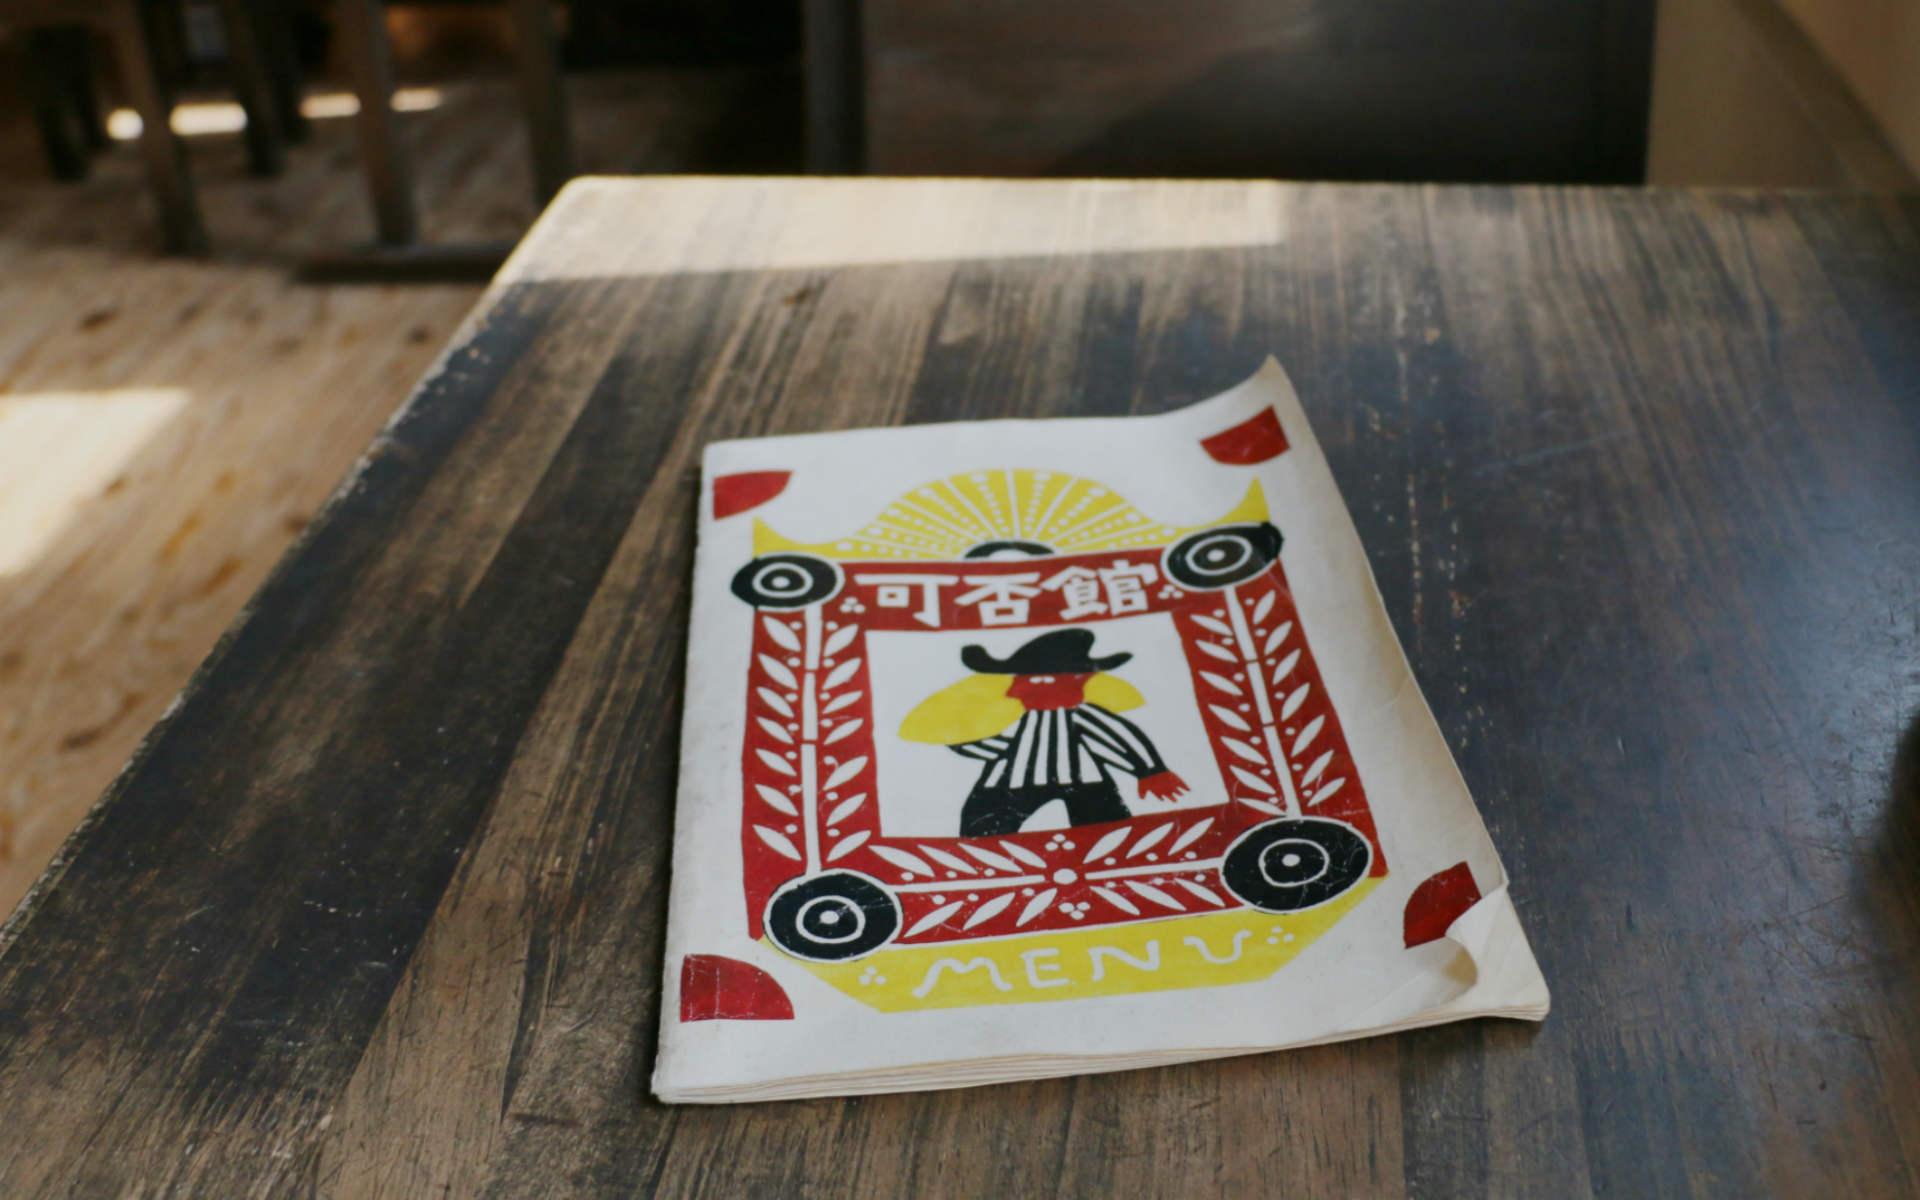 柚木沙弥郎デザインが生きるコーヒー専門店。民芸愛の詰まった鹿児島の可否館へ